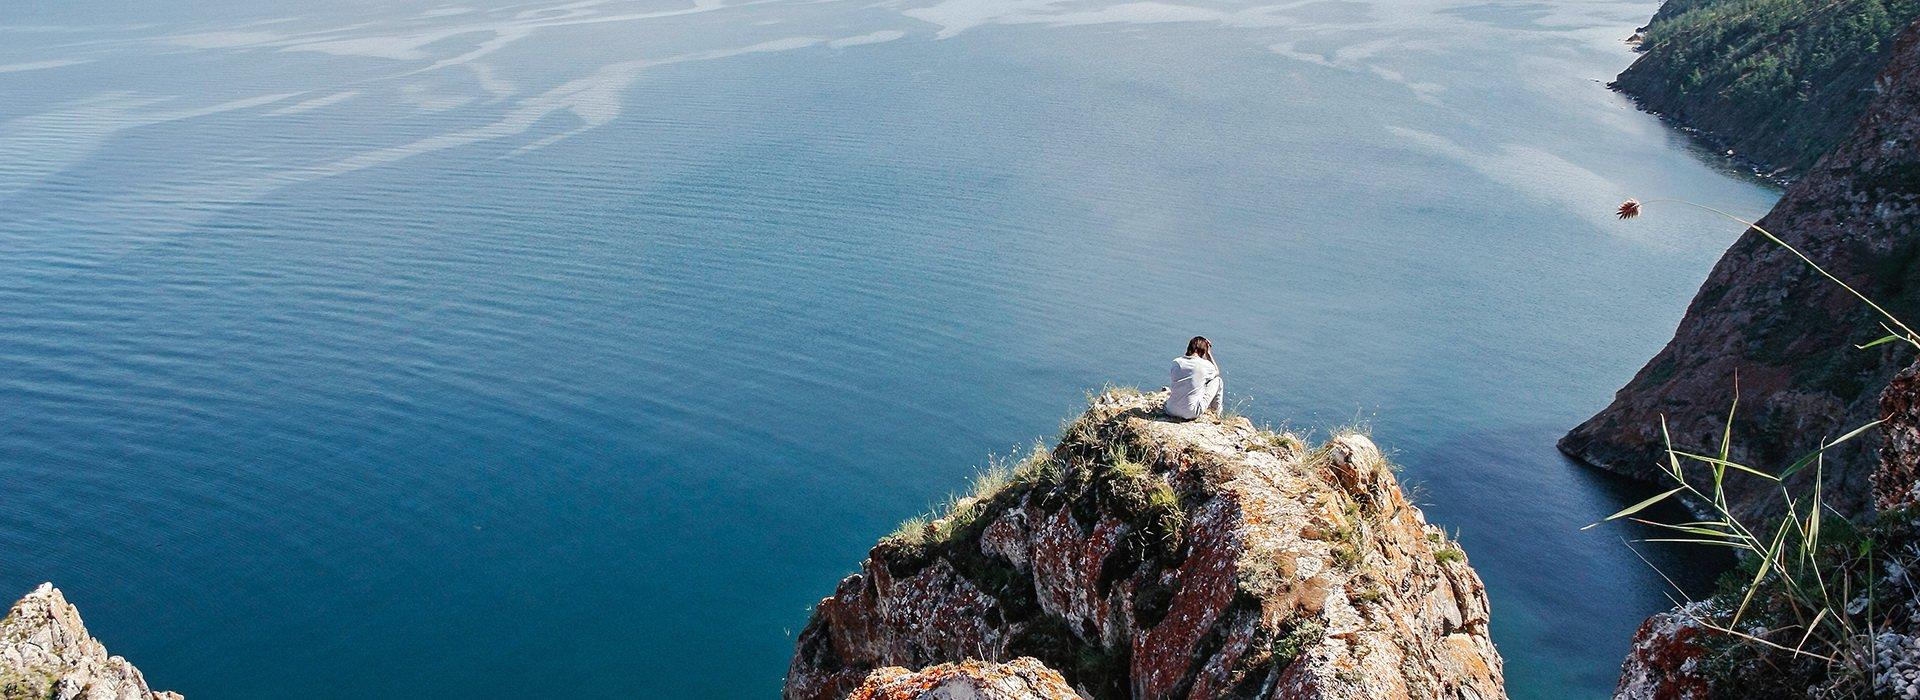 В воду глядел